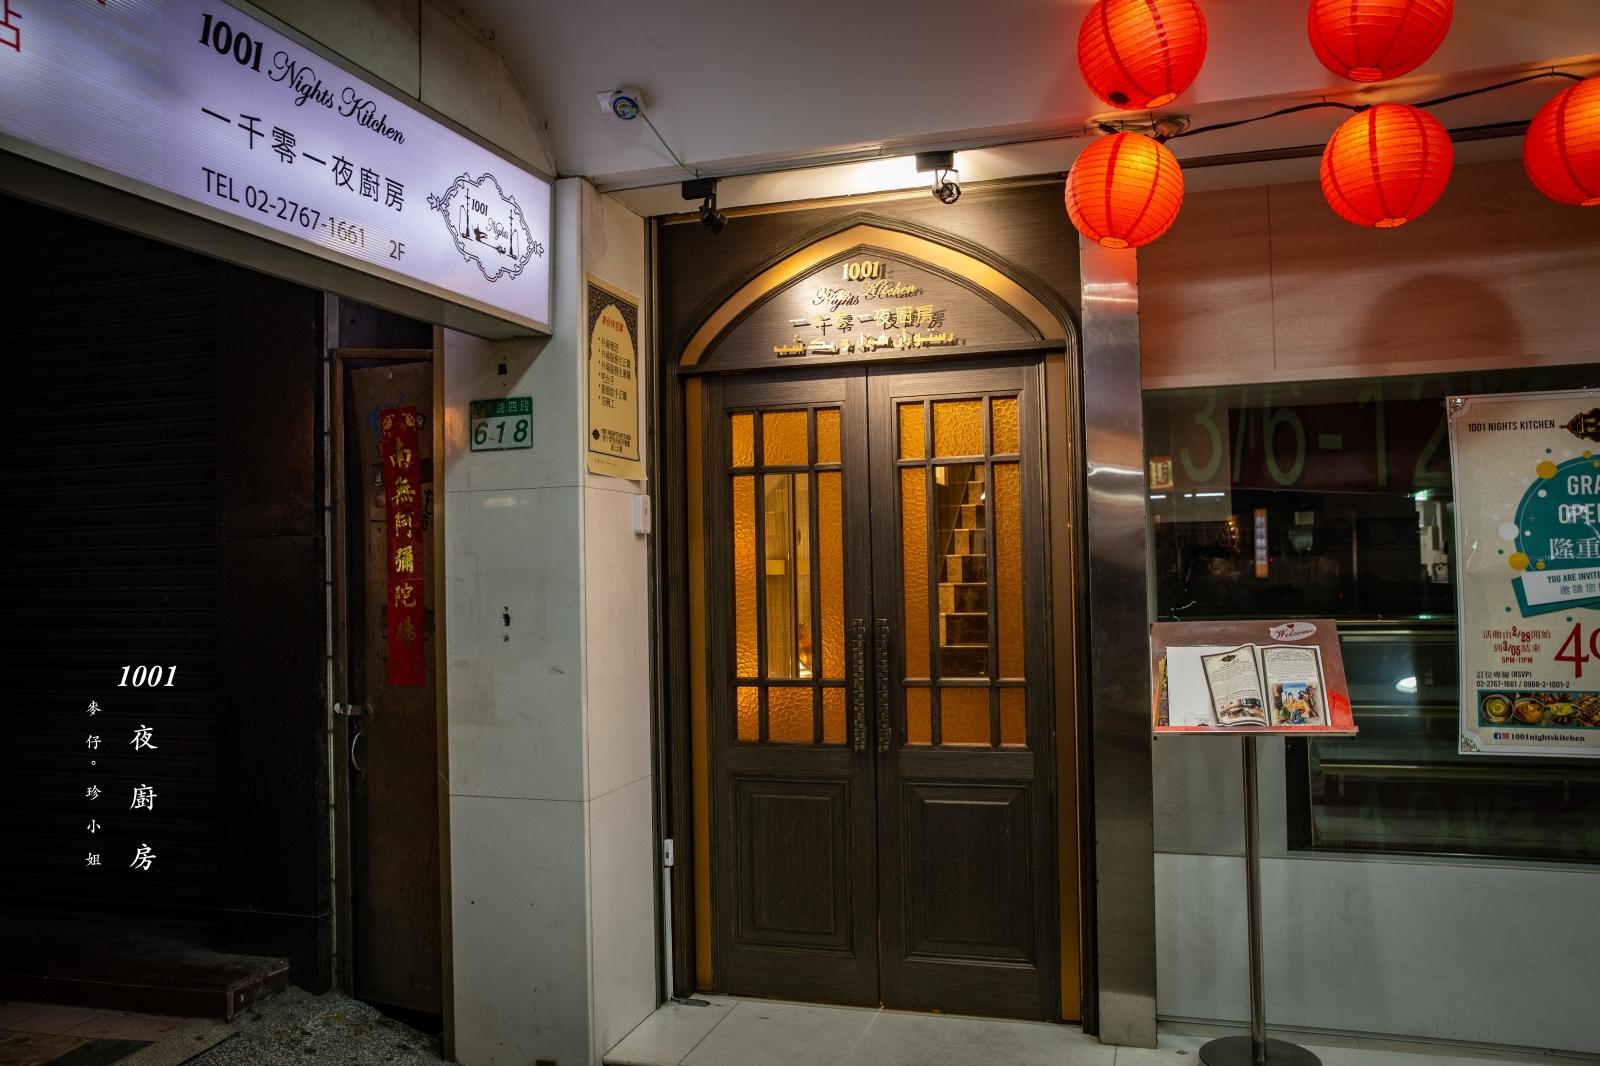 正宗的古波斯料理在台北也吃得到。一千零一夜廚房 1001 Nights Kitchen  符合清真認證的清真料理~伊朗美食配上性感的肚皮舞表演實在享受。捷運松山站美食